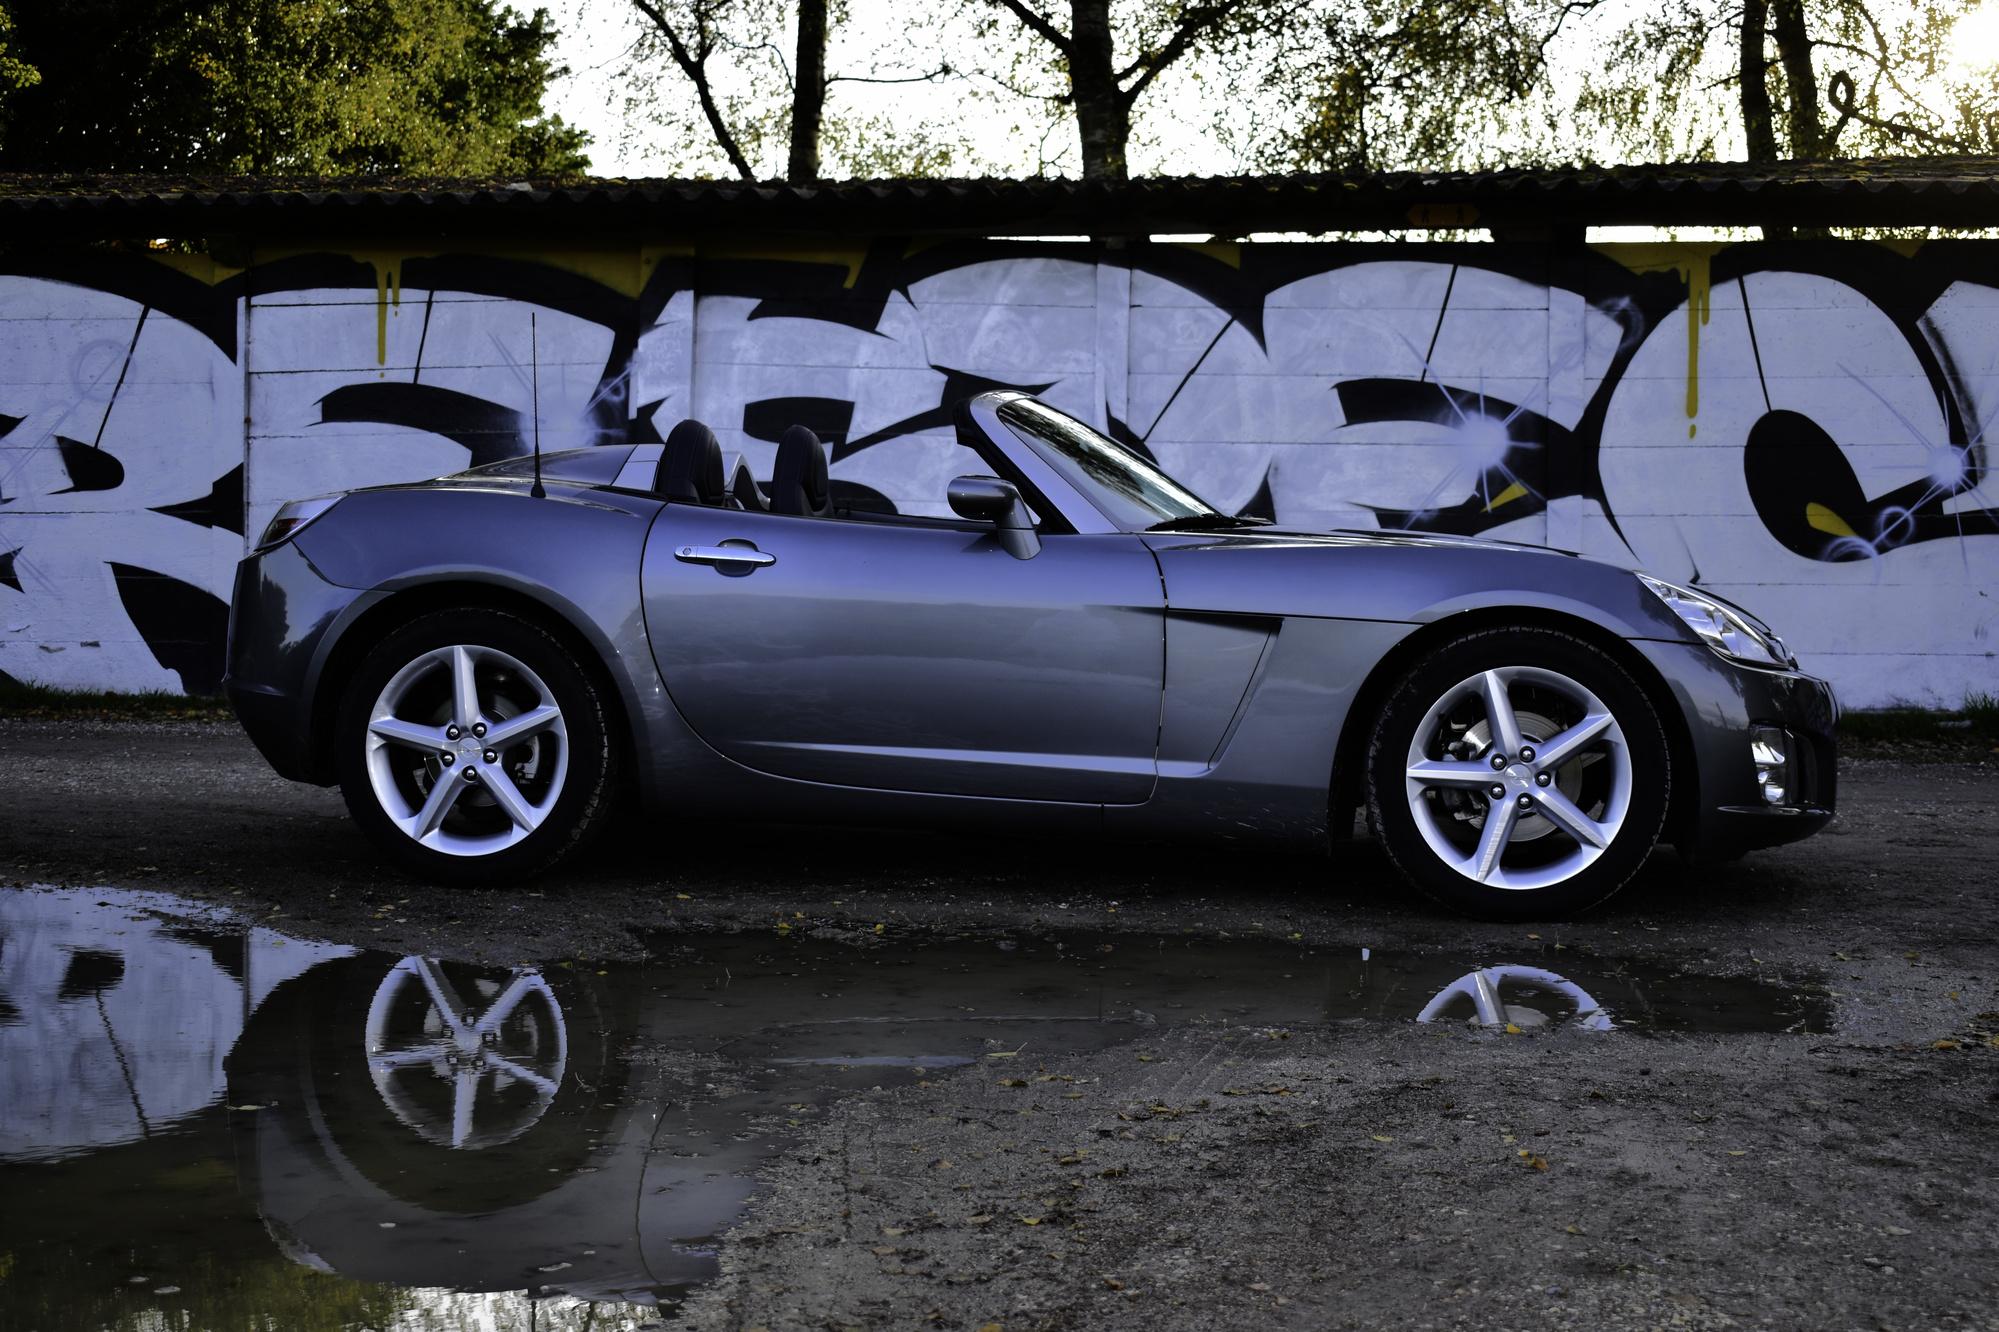 Auktion Versteigerung 2007 Opel GT 2.0 Turbo Dreiviertelansicht von vorne rechts